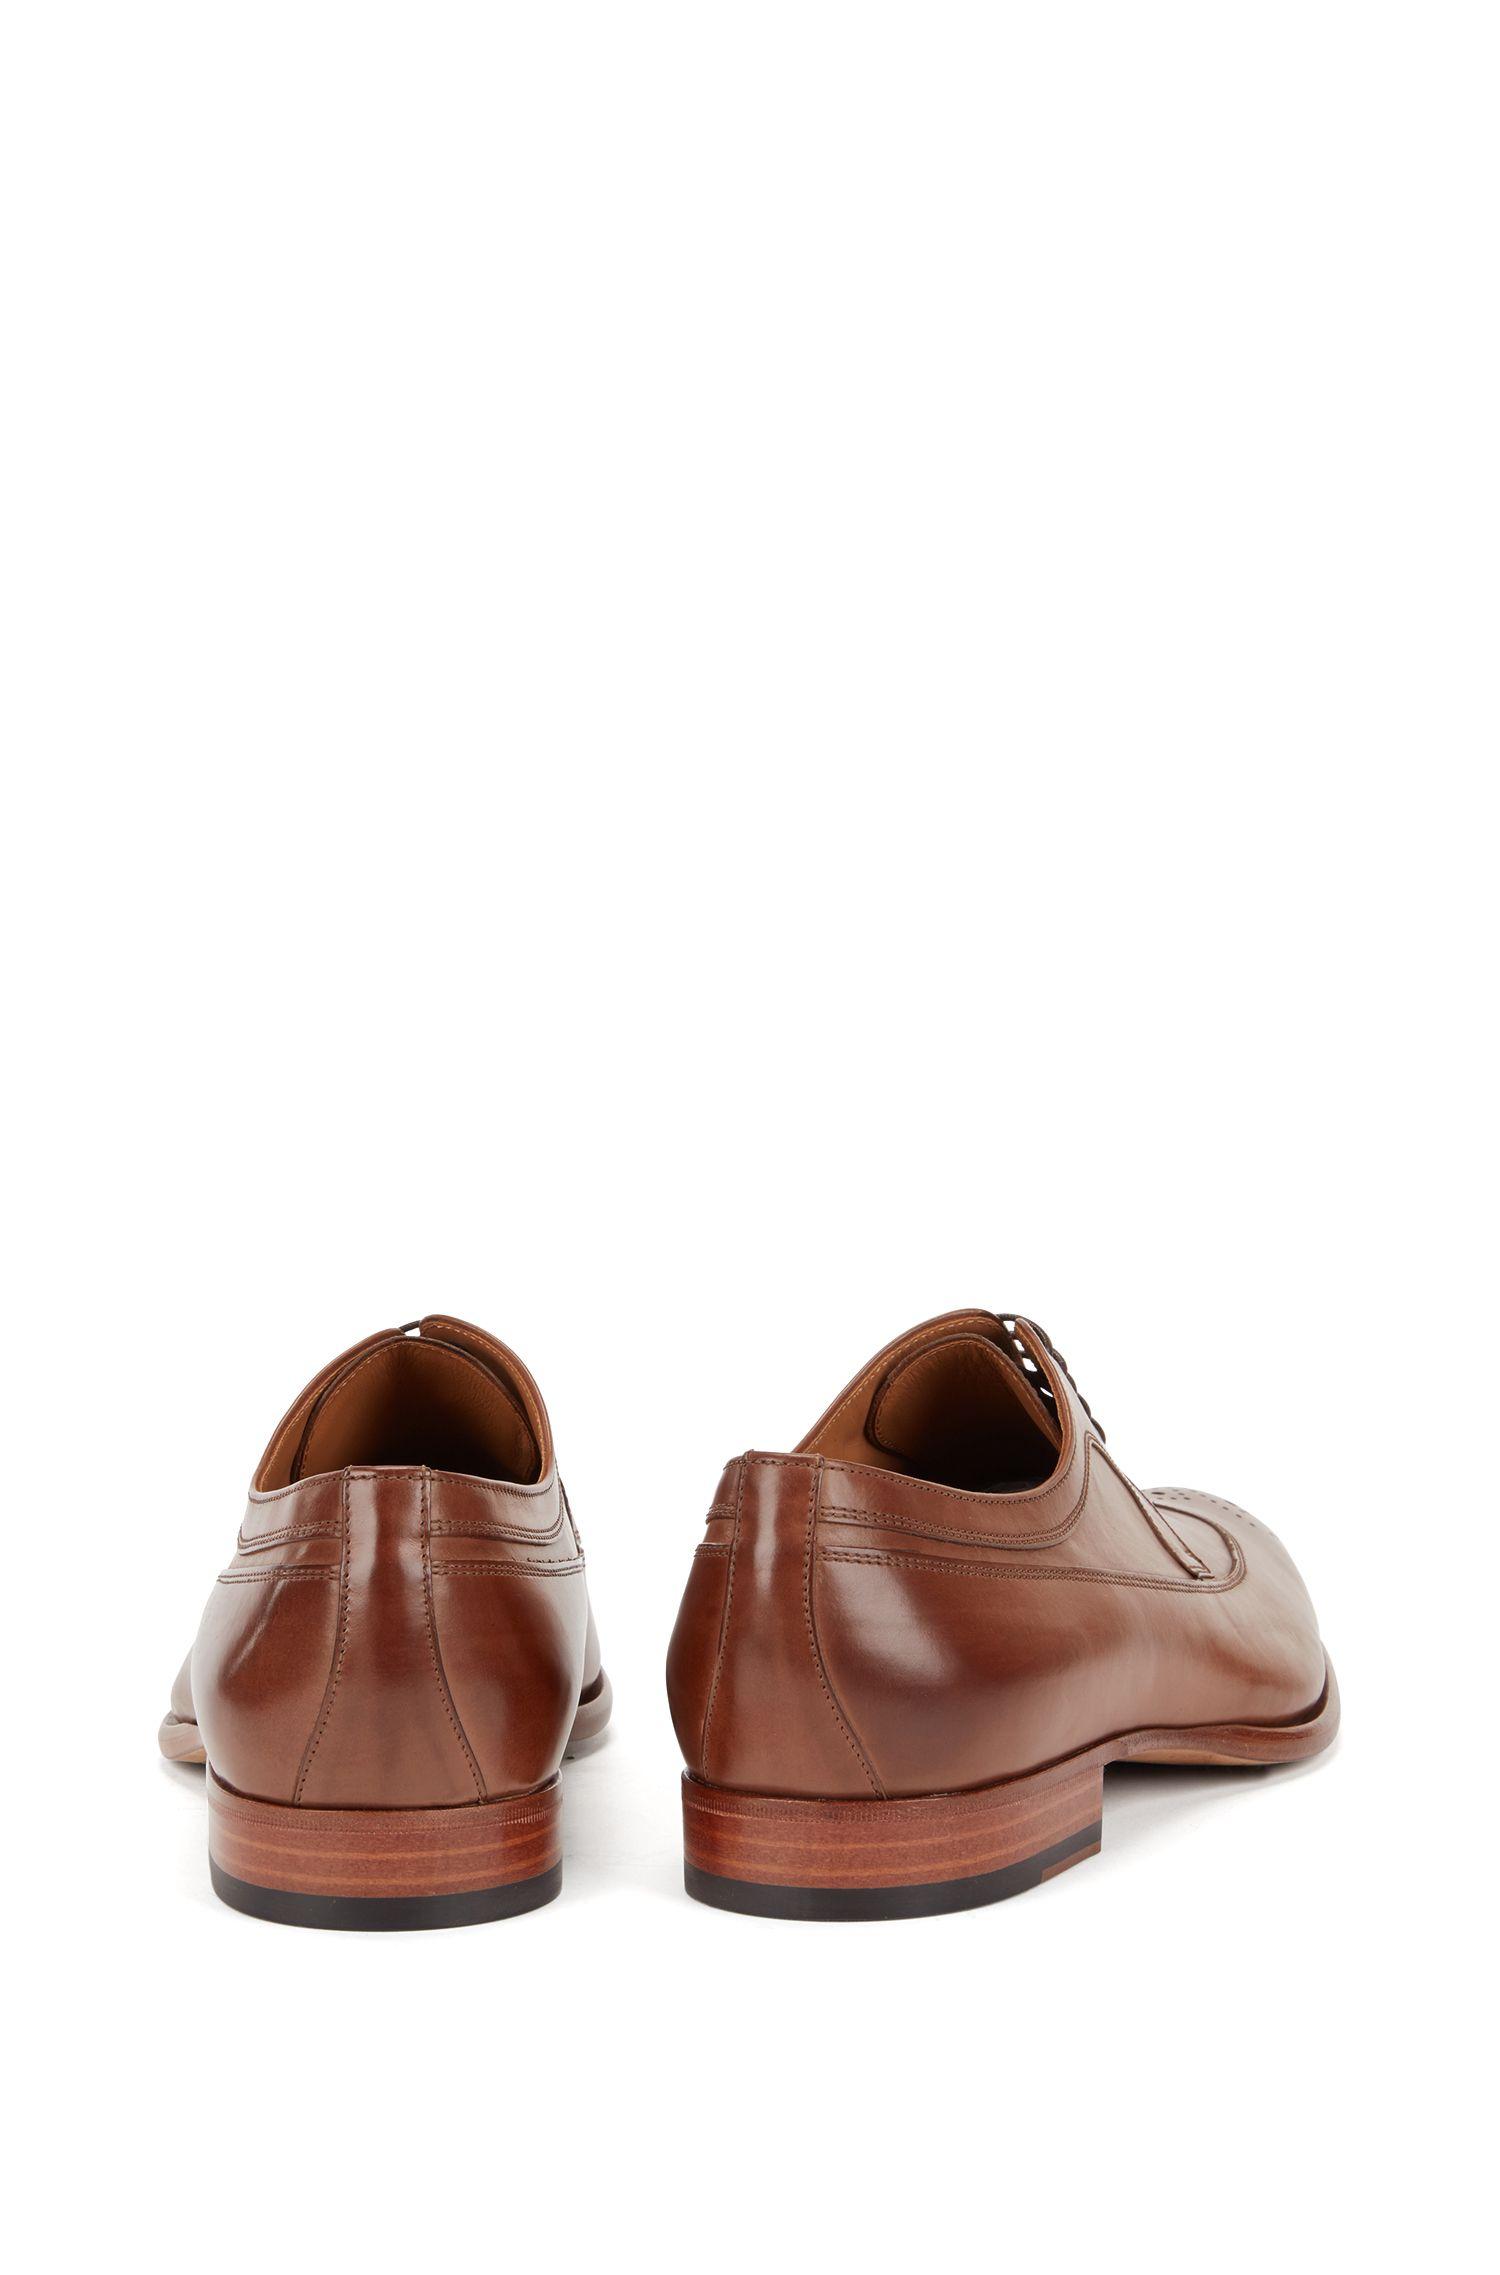 Chaussures derby en cuir à bout perforé